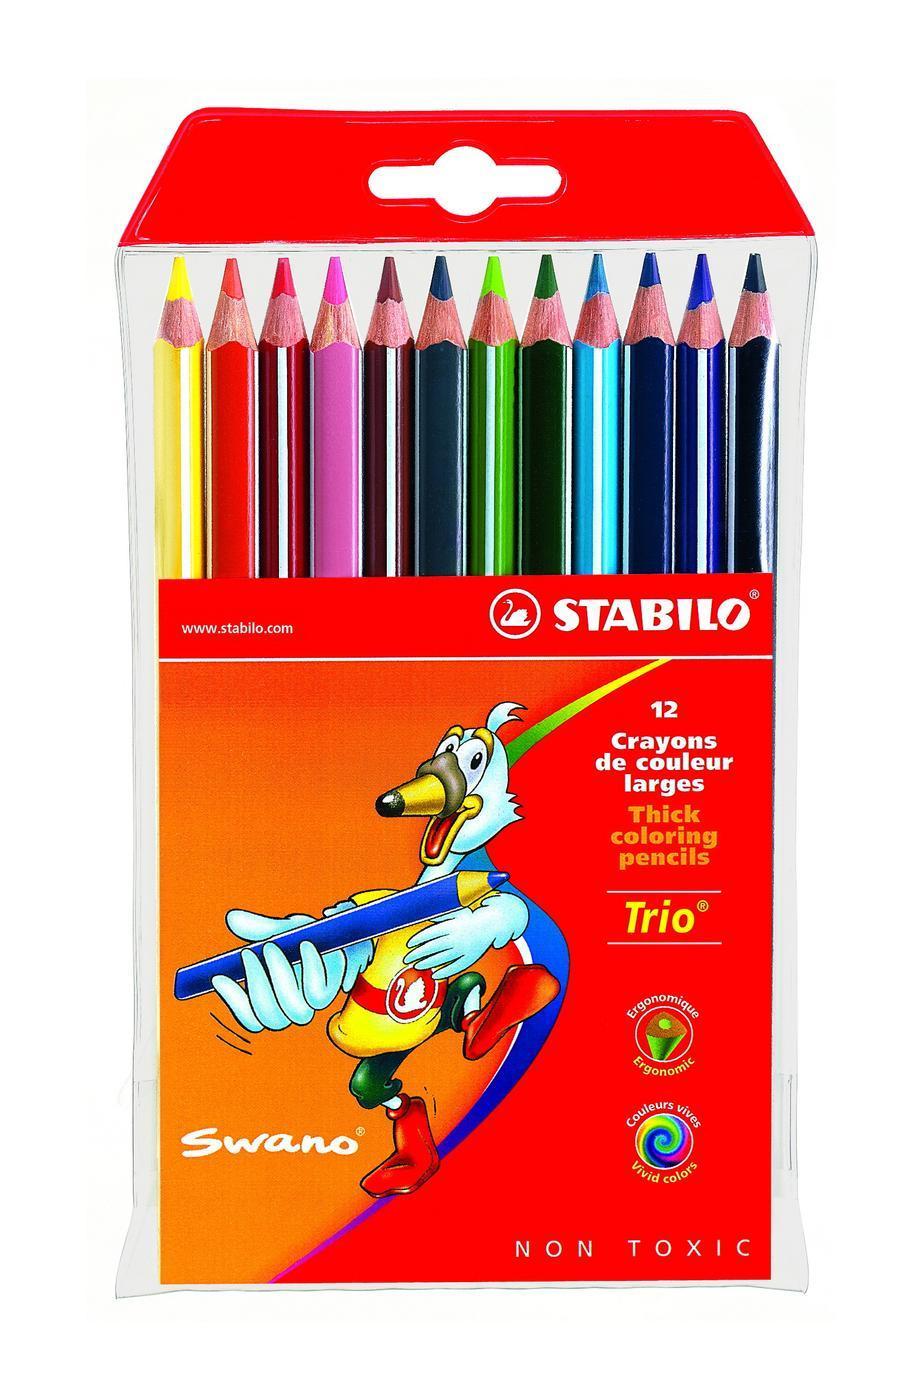 Набор цветных карандашей Stabilo Trio, 12 цветовPP-304Серия утолщенных трехгранных цветных карандашей Stabilo Trio. Трехгранная форма карандаша предотвращает усталость детской руки при рисовании и позволяет привить ребенку навык правильно держать пишущий инструмент. Подходят для правшей и для левшей. Утолщенный грифель, особо устойчивый к поломкам. В состав грифелей входит пчелиный воск, благодаря чему карандаши легко рисуют на бумаге, не царапая ее и не крошась.